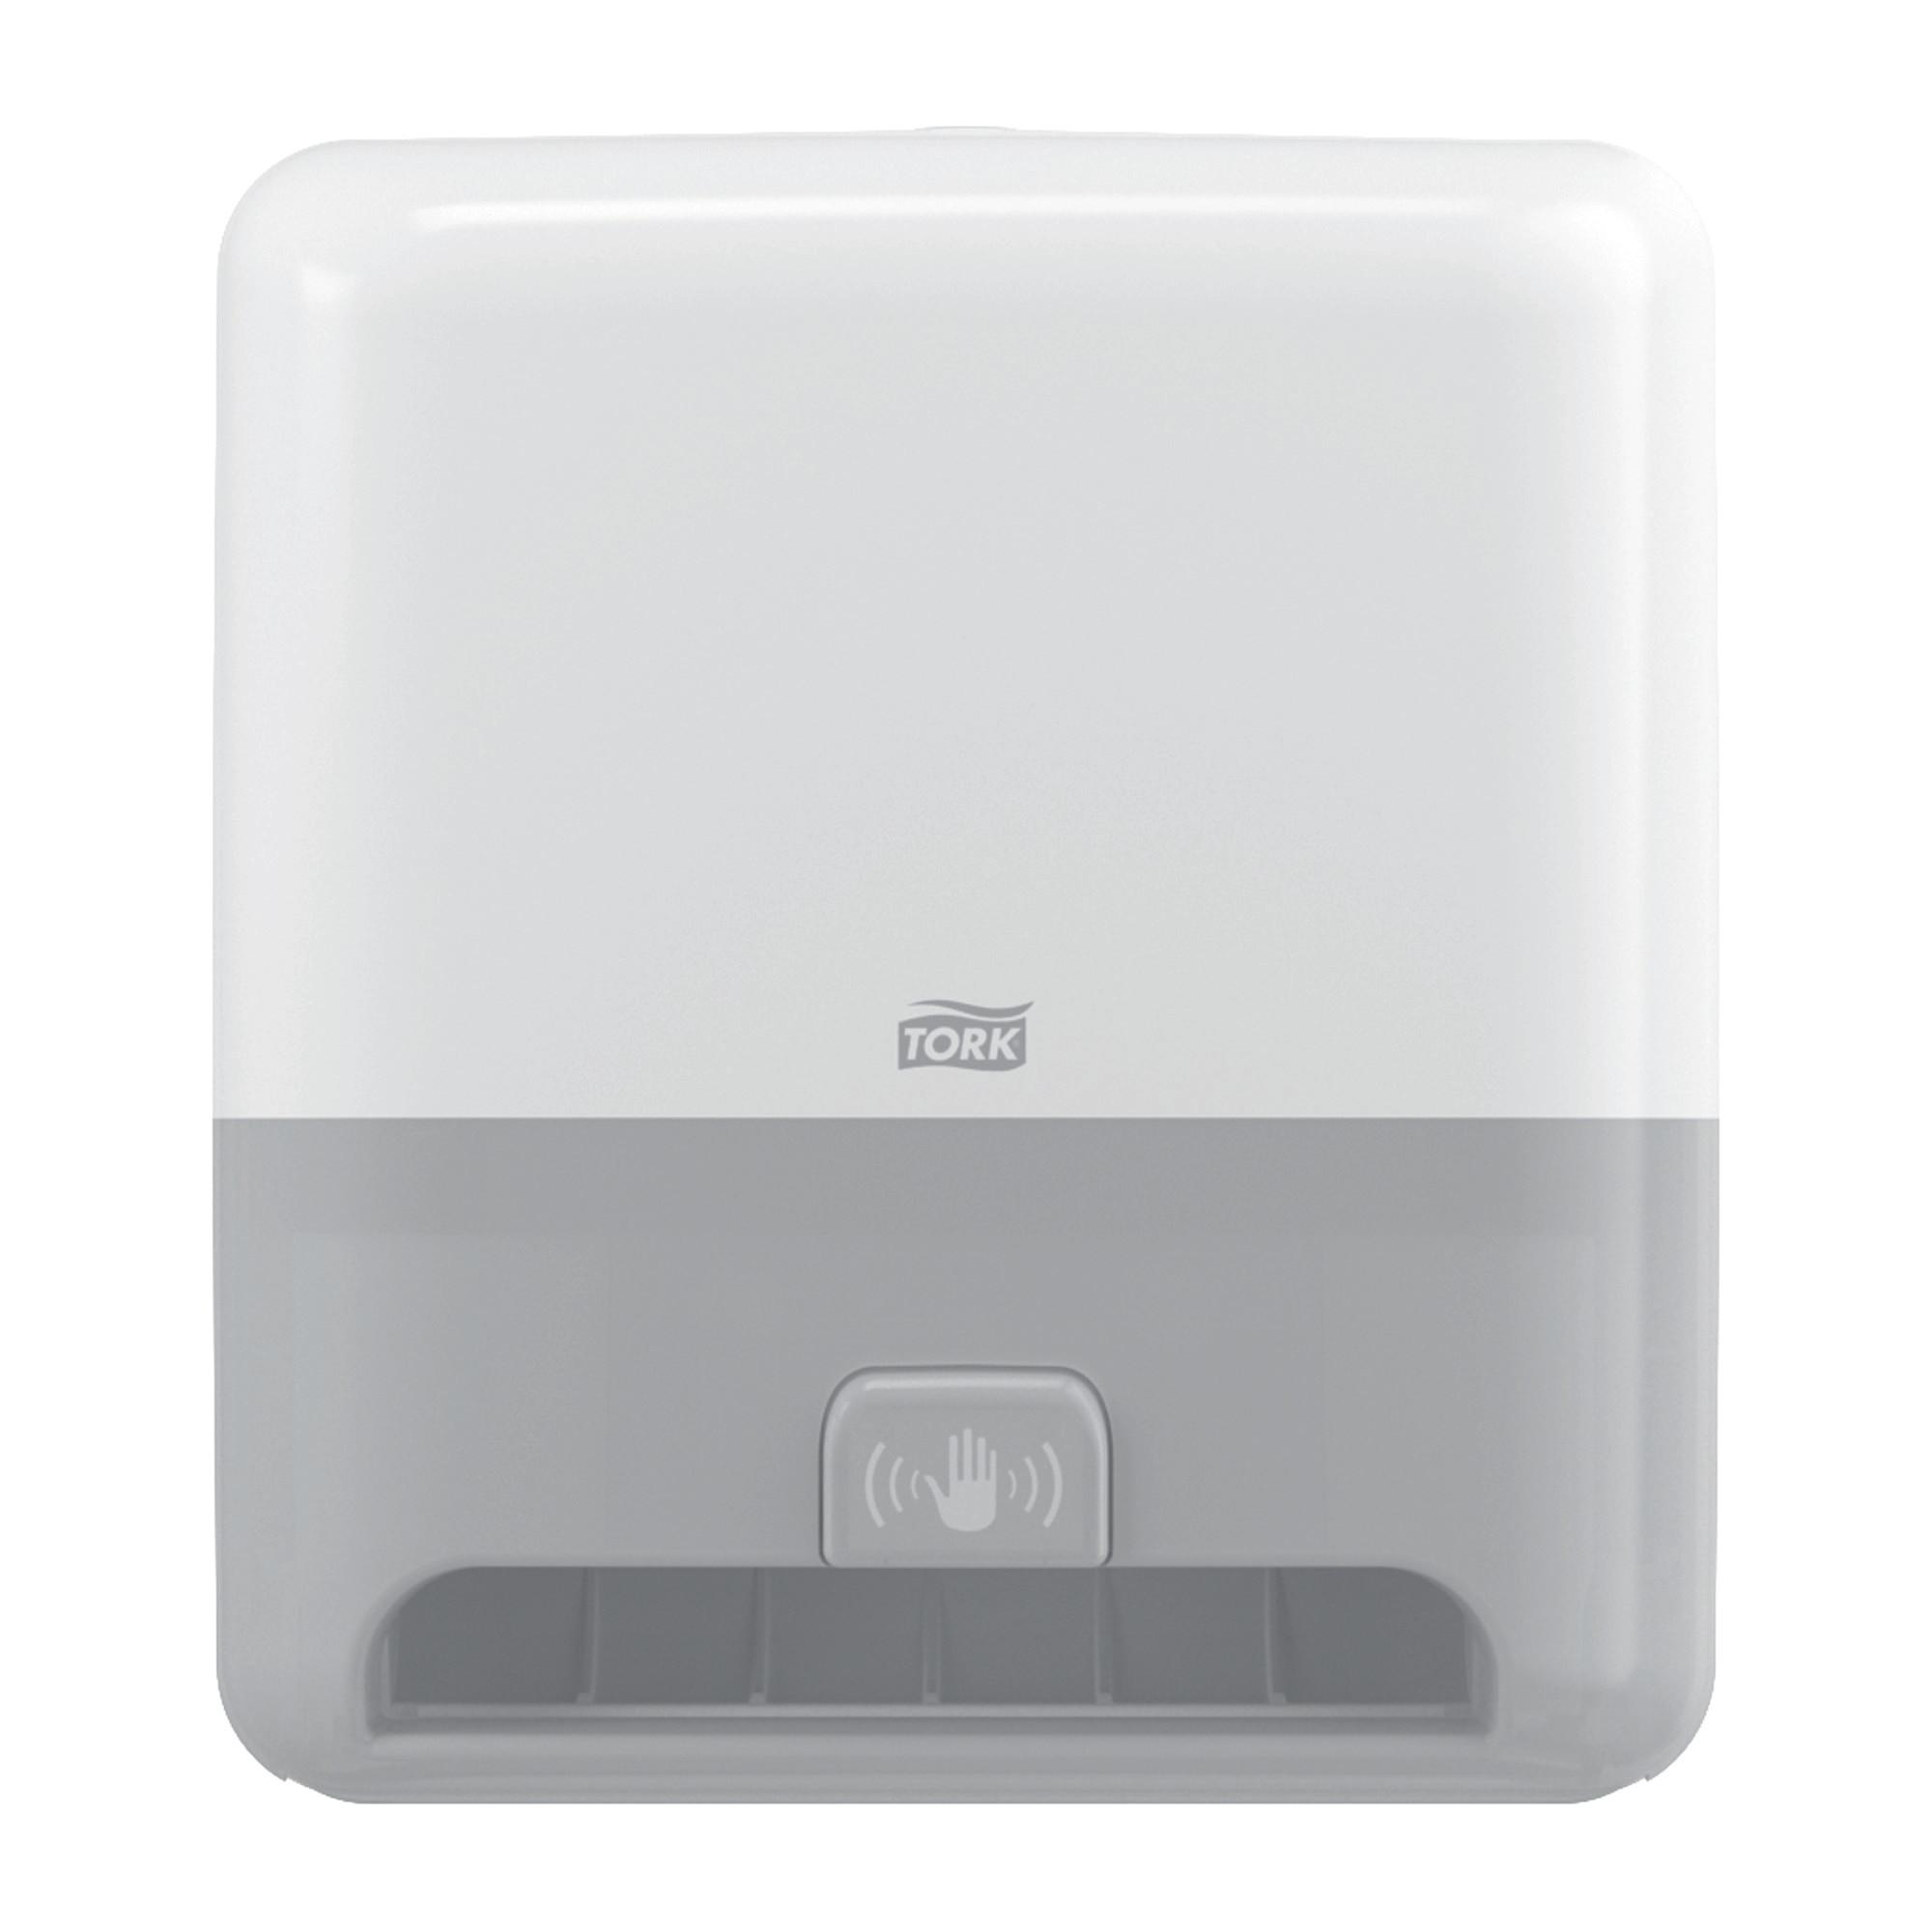 Tork Matic Distributeur Blanc Intuition pour Essuie-mains rouleau 551100